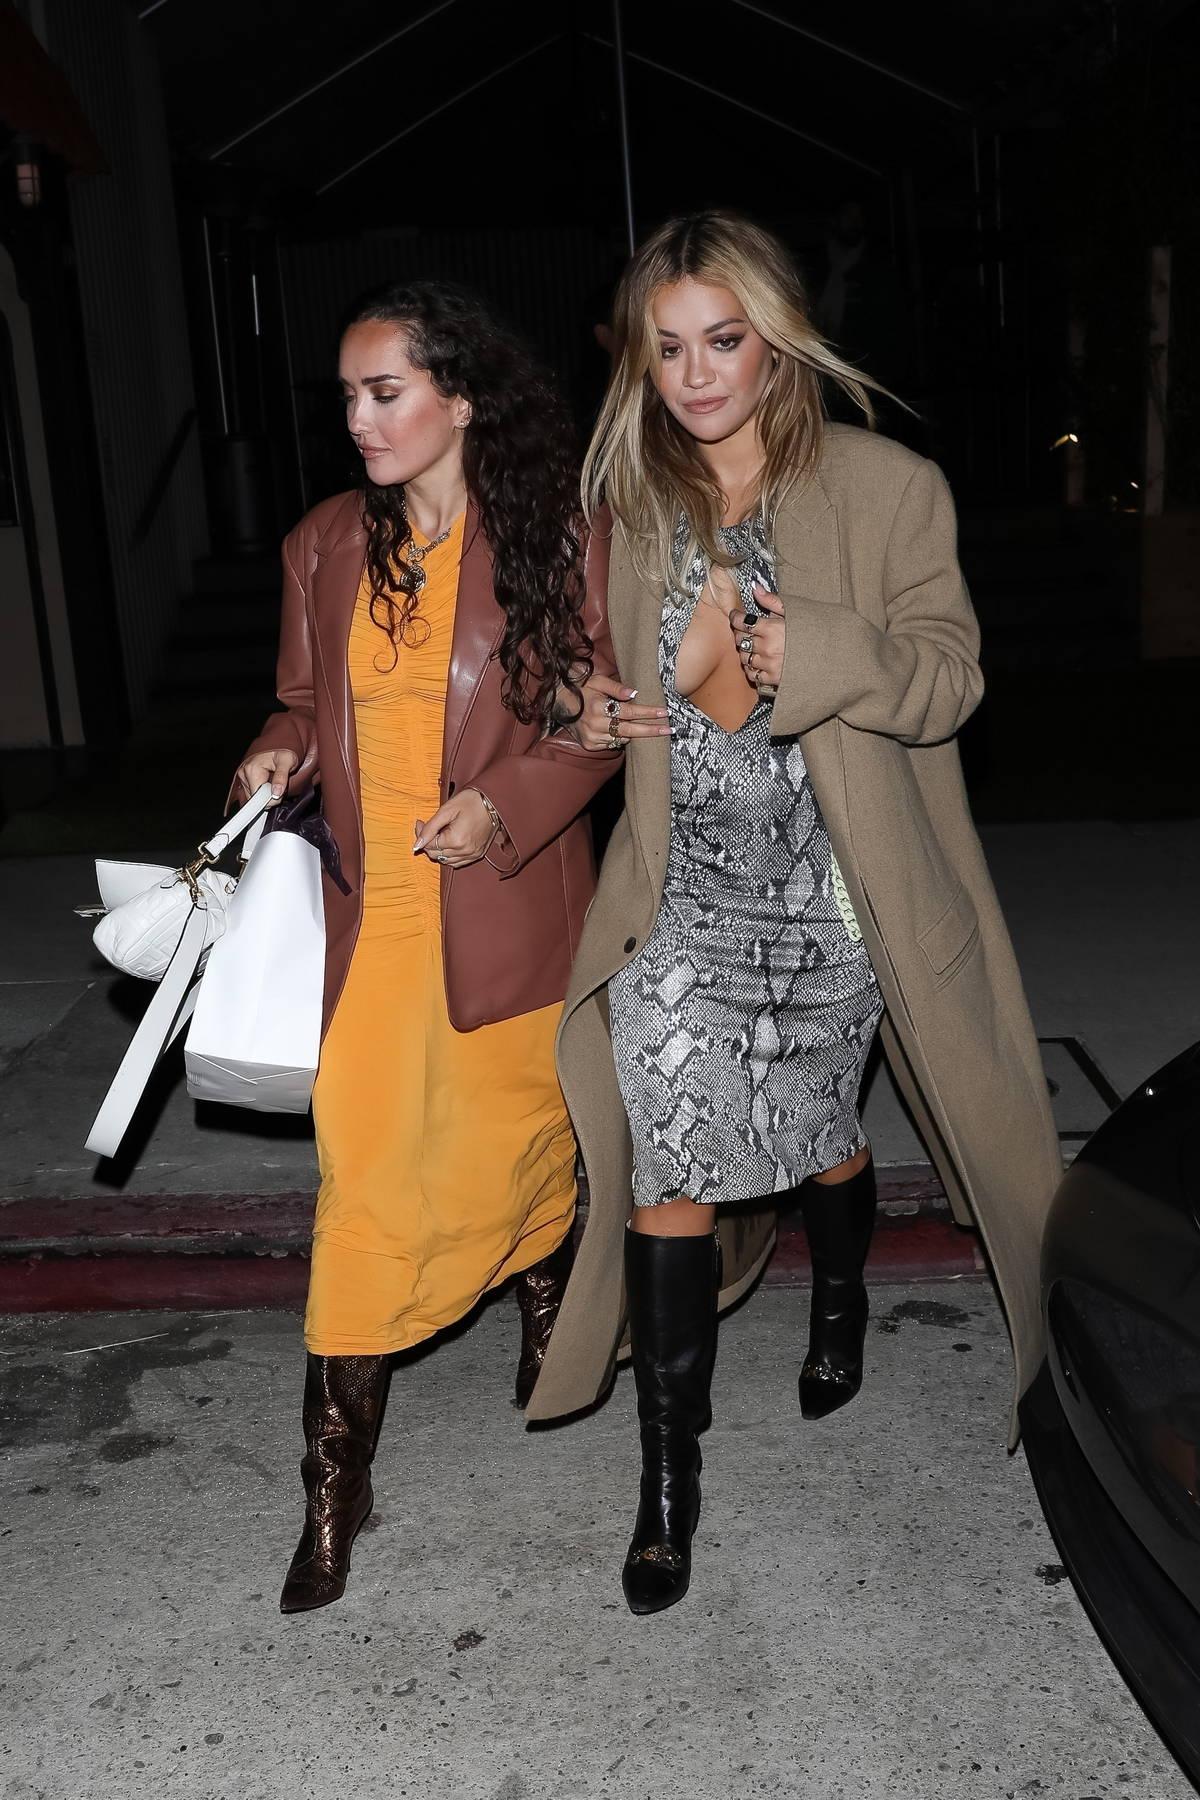 Rita Ora looks stylish while out to celebrate her sister's birthday at Giorgio Baldi in Santa Monica, California